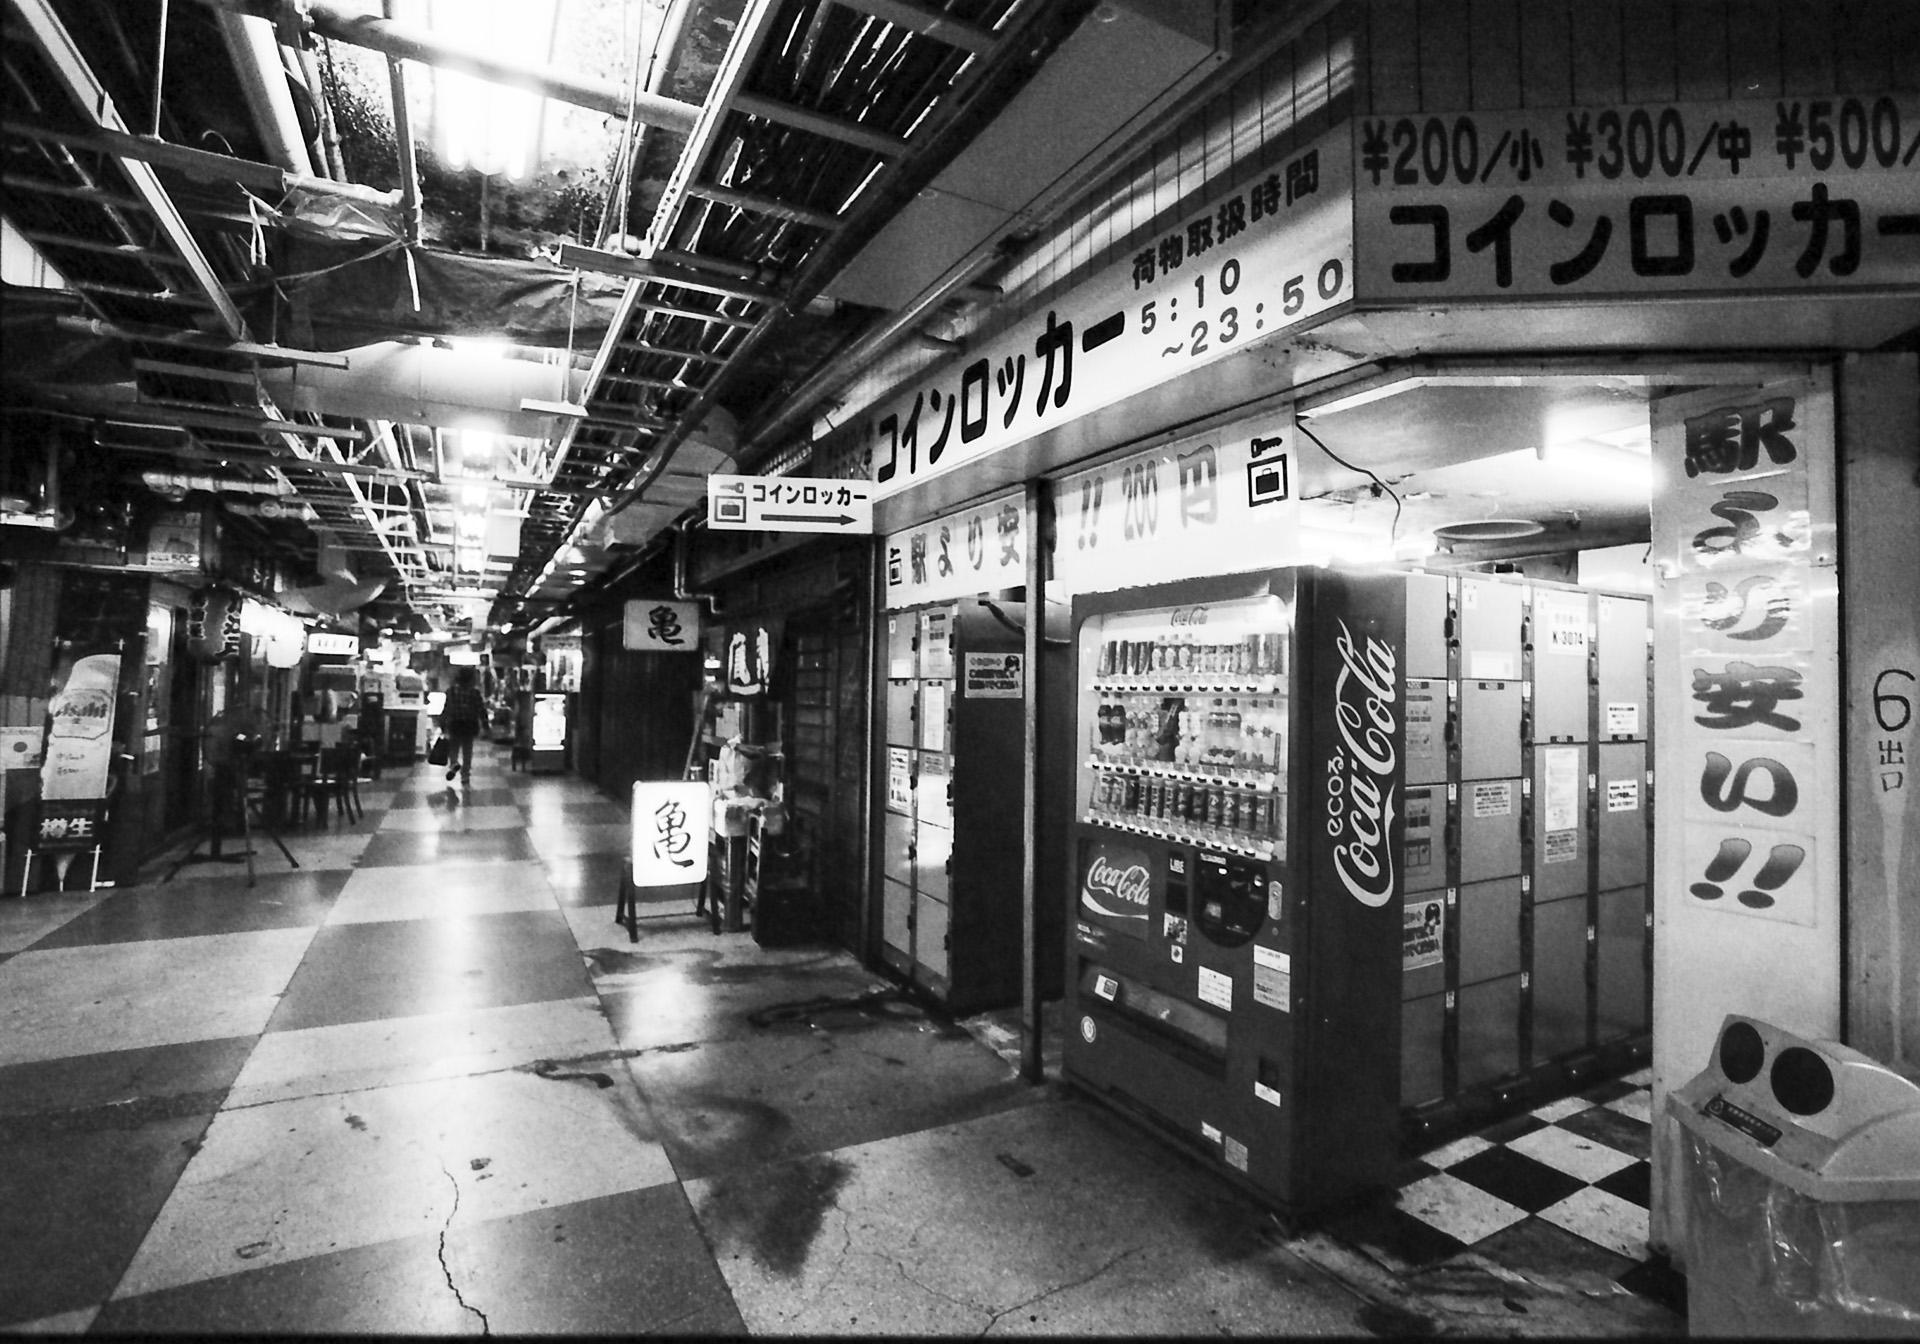 浅草地下街 どんづまり Canon EOS-1, EF 17-40mm F4L USM, Rollei RPX 400